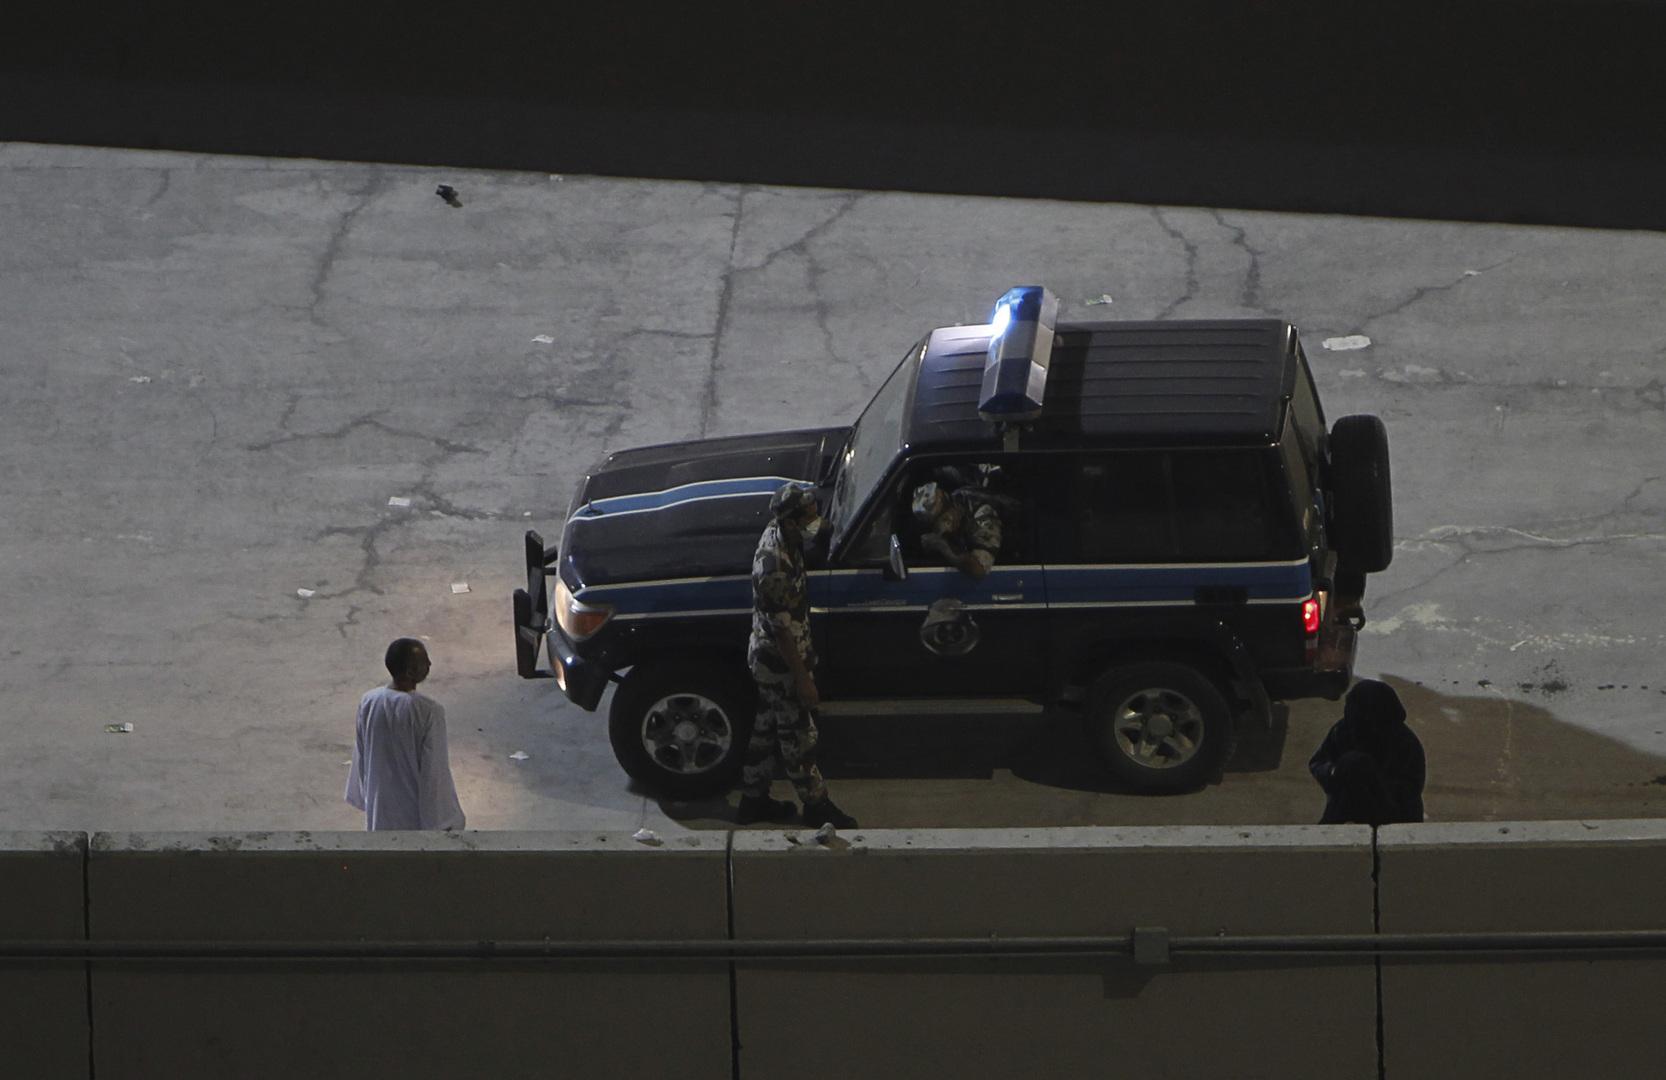 مصر.. جريمة قتل بسبب 15 دولارا